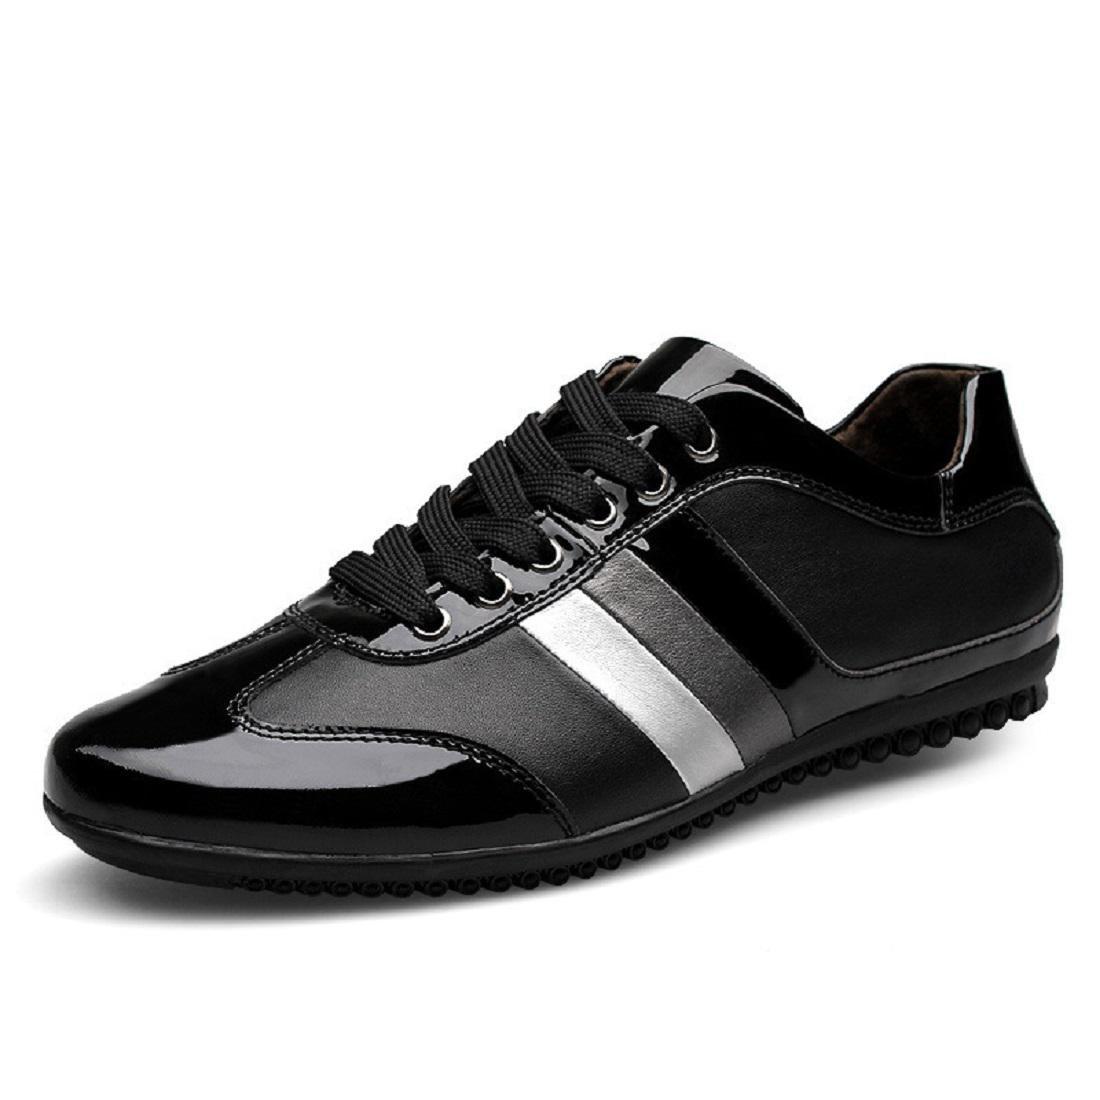 Herren Freizeit Lederschuhe Mode Flache Schuhe Schuhe Schuhe Niedrige Schuhe Große Größe Lässige Schuhe EUR GRÖSSE 38-45 1303ed